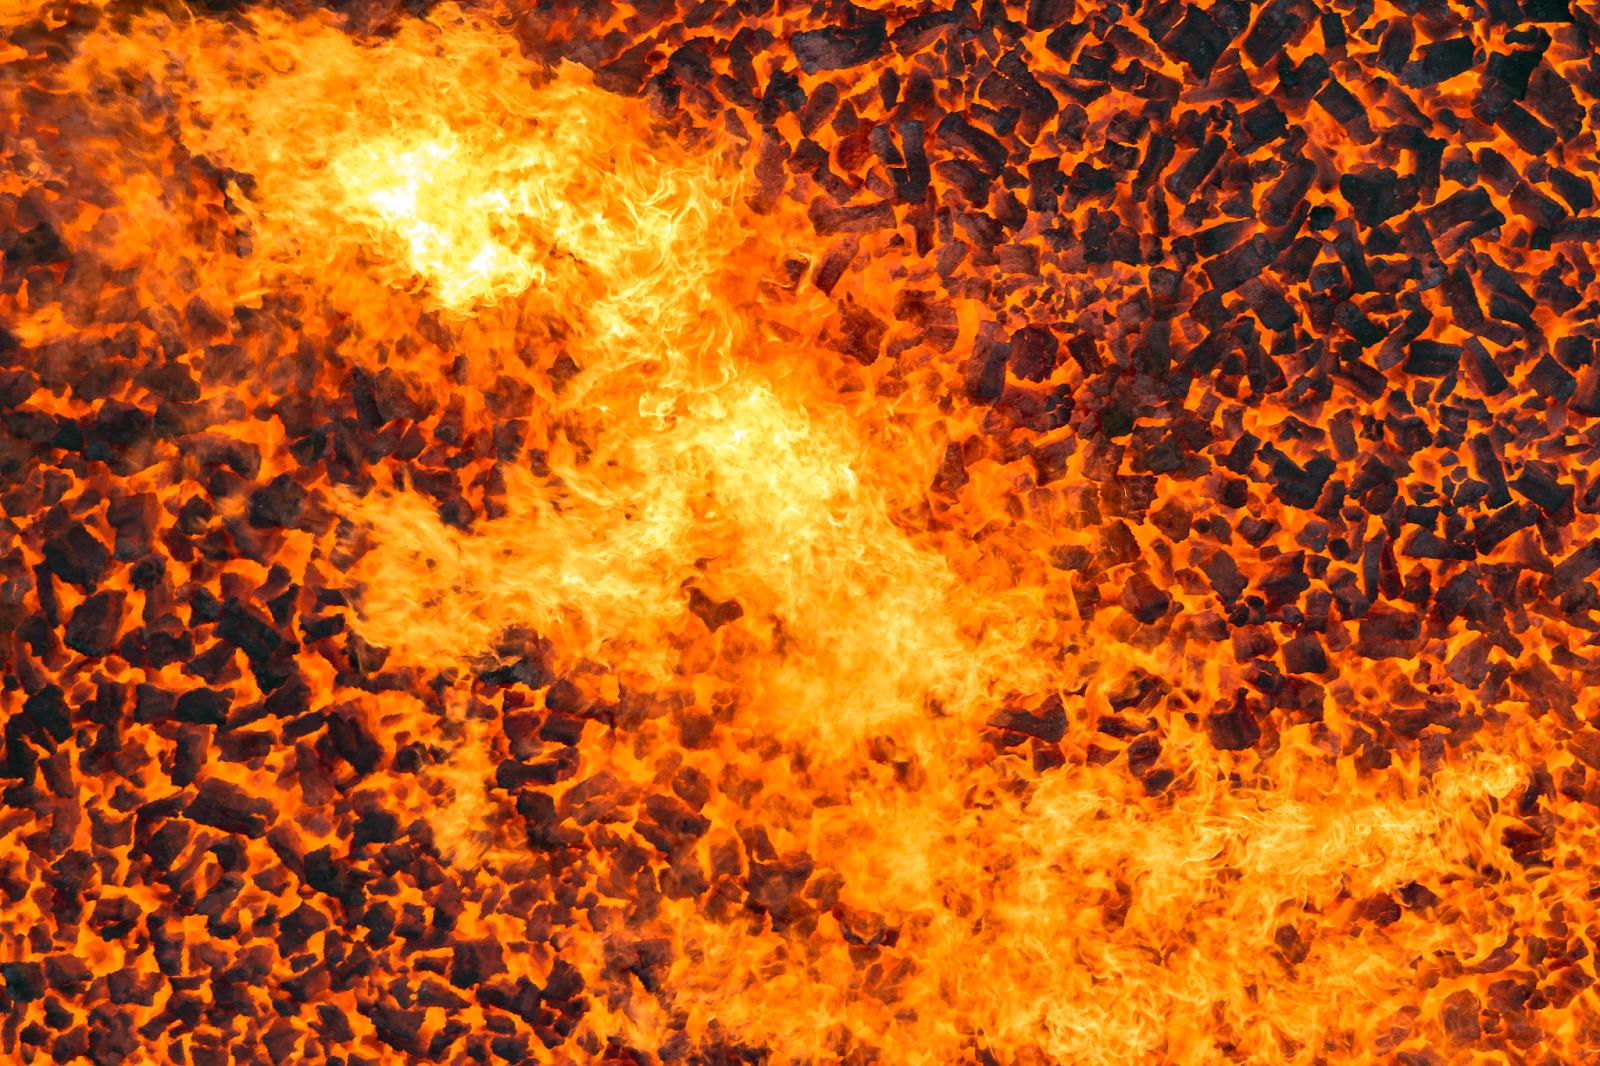 Бережливые испытания, или Как мы заглянули в пекло